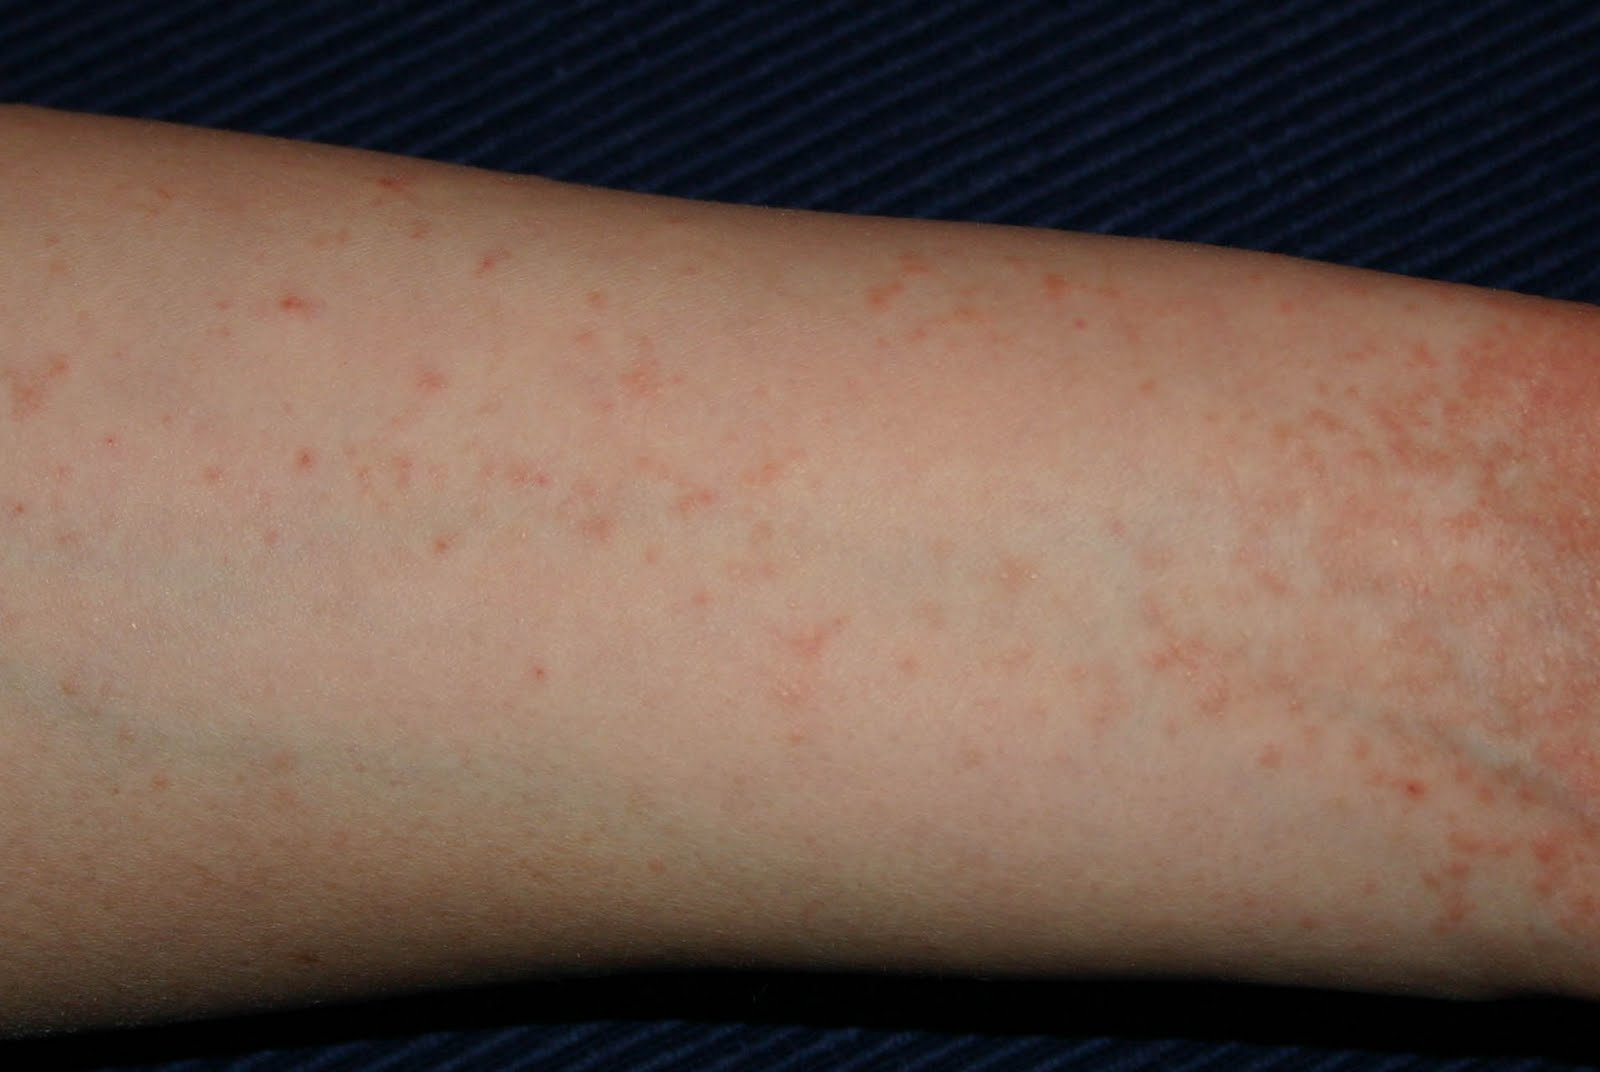 mit kezdjen a lábakon lévő piros foltokkal vörös korfoltok az arcon